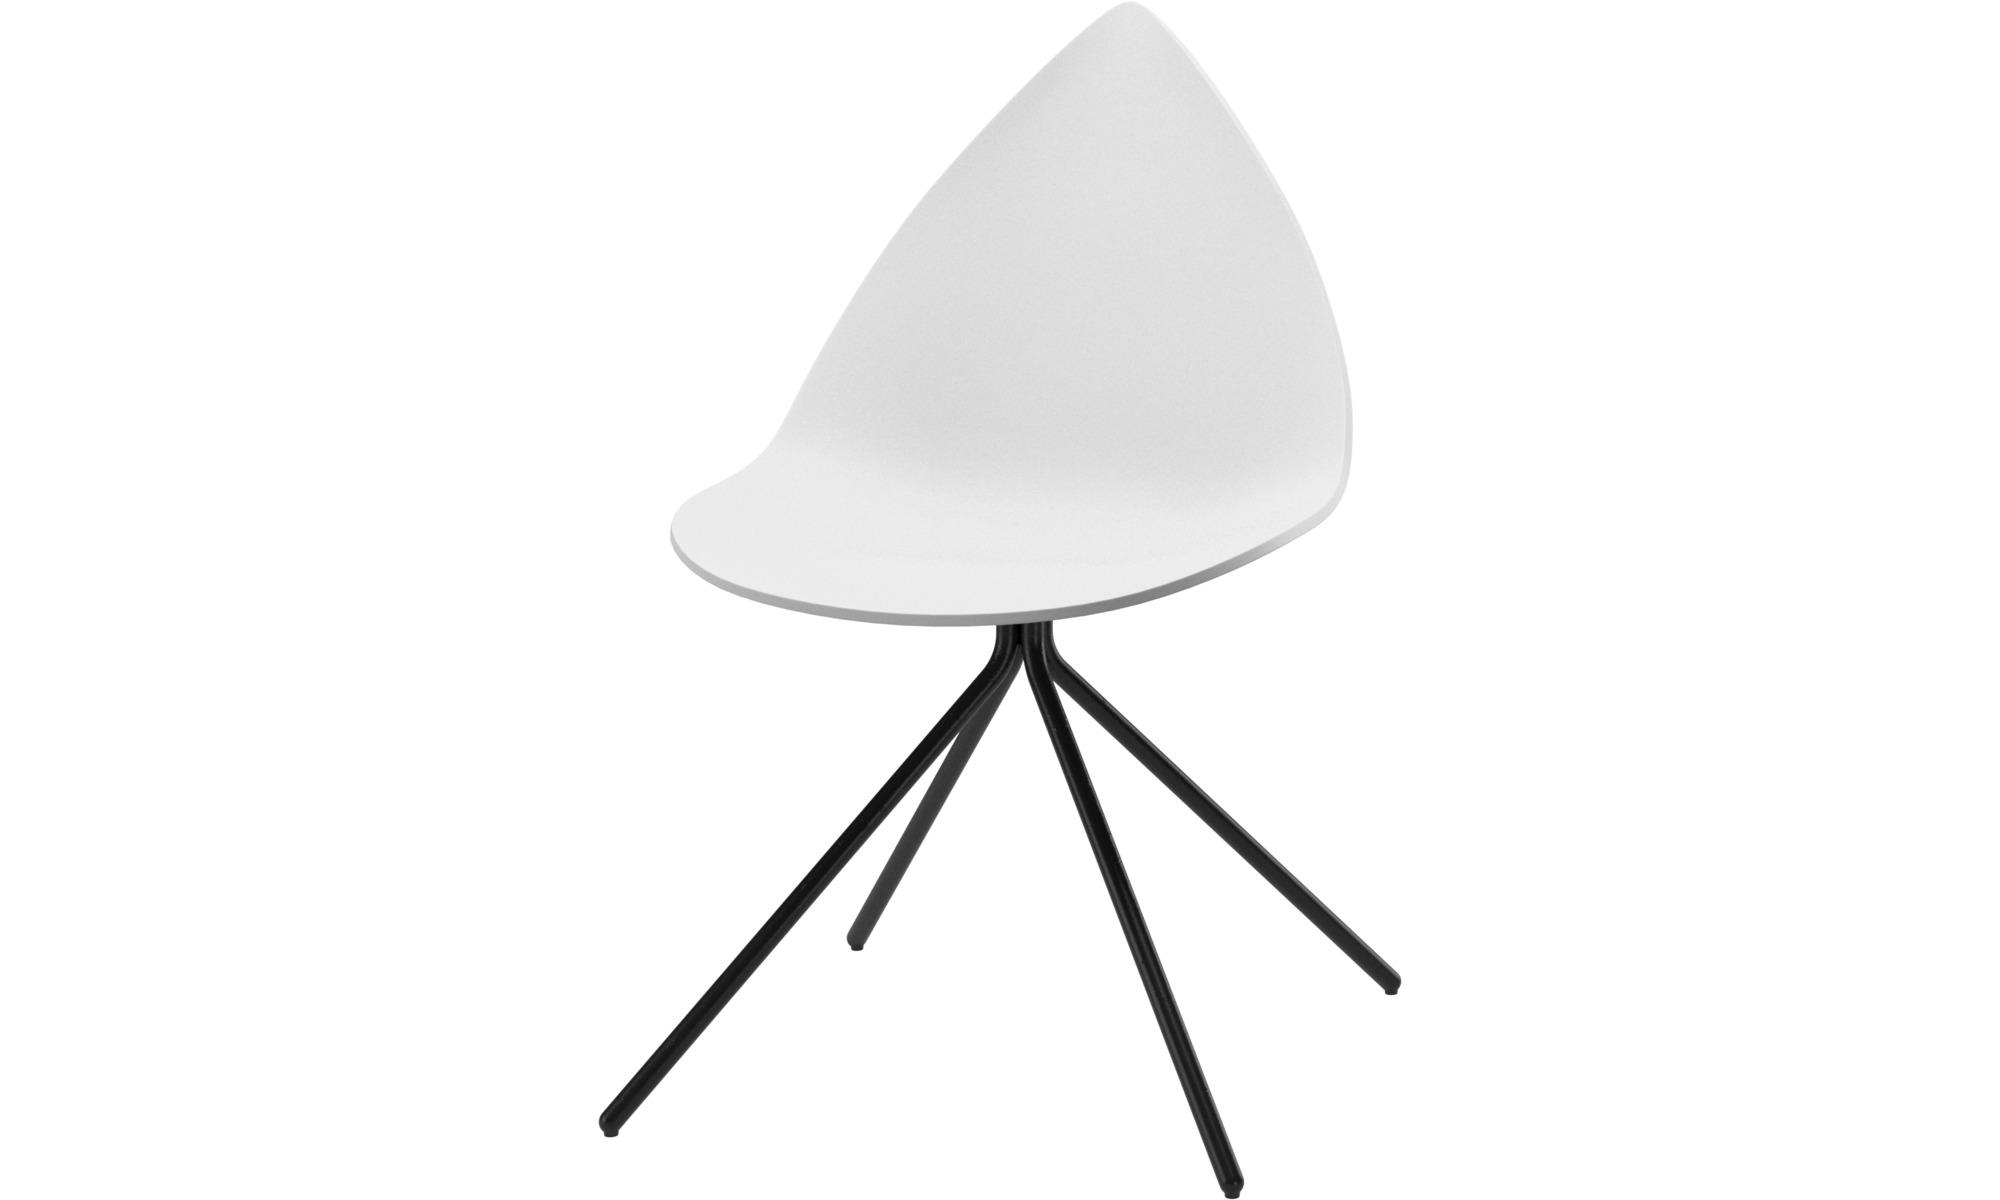 Esszimmerstühle designermöbel  Esszimmerstühle - Ottawa Stuhl - BoConcept